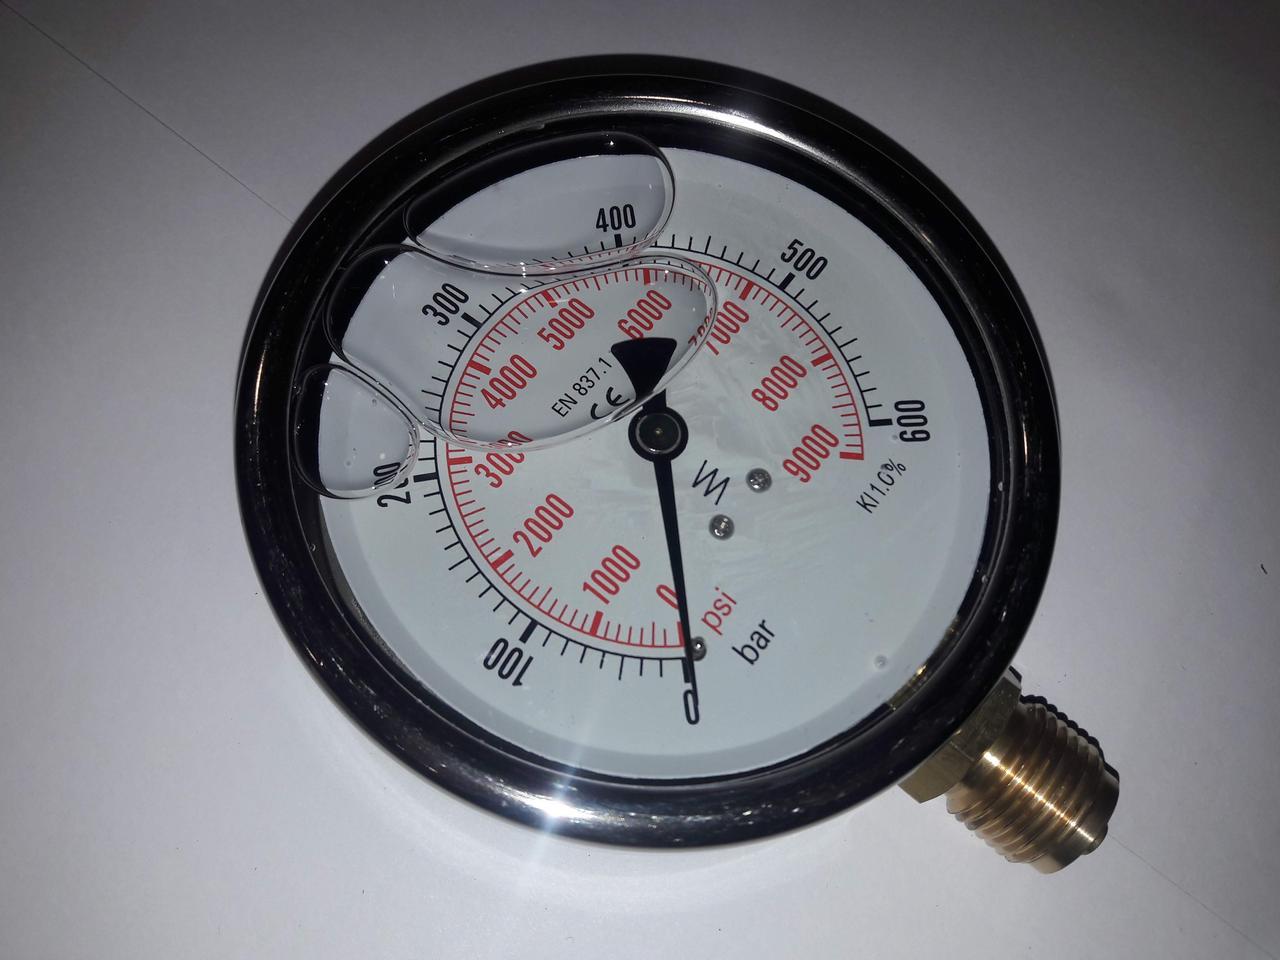 Манометр радиальниый 150мм 100 бар 10МПа, гидравлический, глицеринонаполненый.